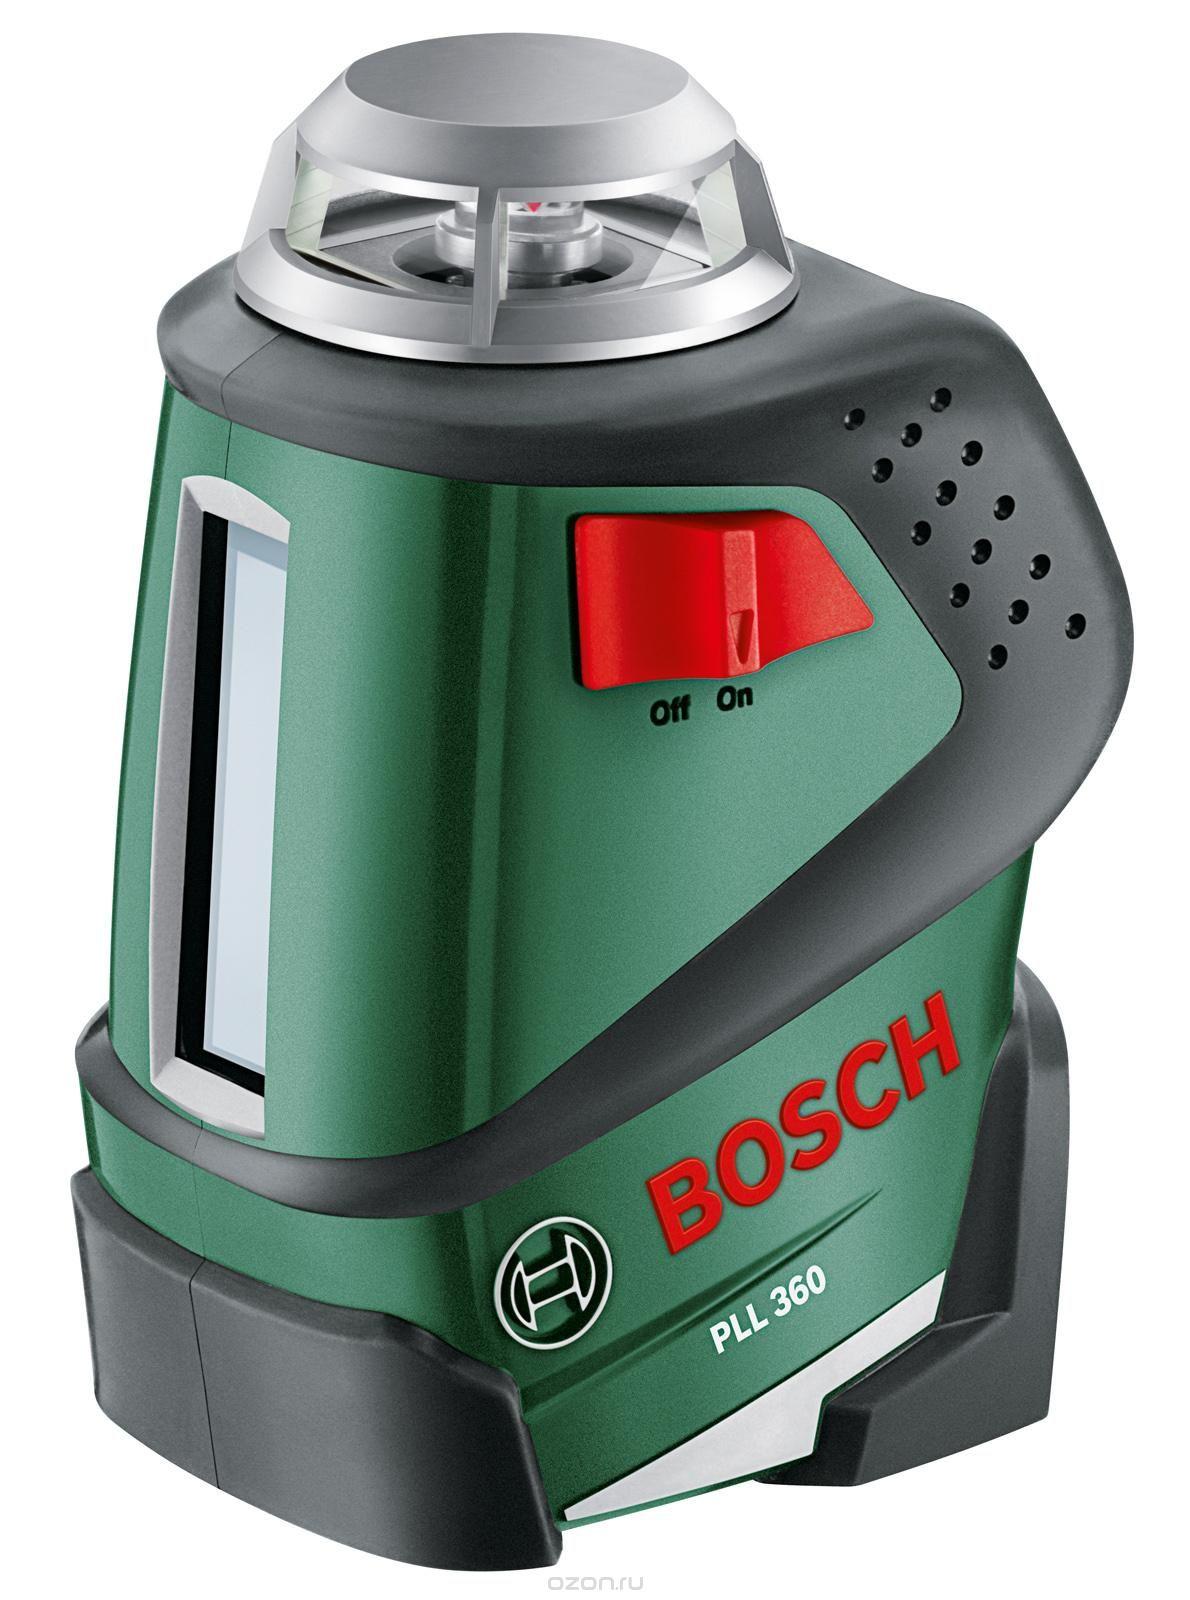 Лазерный нивелир Bosch PLL 360 [0603663020]Измерительные инструменты<br>Самонивелирующийся линейный лазер 360°<br><br>Потребительские преимущества<br>- Идеальная горизонтальная линия в диапазоне 360° для точного и безошибочного выравнивания объектов в помещении<br>- Автоматическое нивелирование за несколько секунд гарантирует быструю и безошибочную работу<br>- Ровные и хорошо видимые лазерные лучи<br><br>Дополнительные преимущества<br>- Идеальная вертикальная линия для более универсального применения<br>- Проекция диагональных линий — под любым углом благодаря функции фиксации<br>- Простое позиционирование лазерного луча на любой высоте...<br>